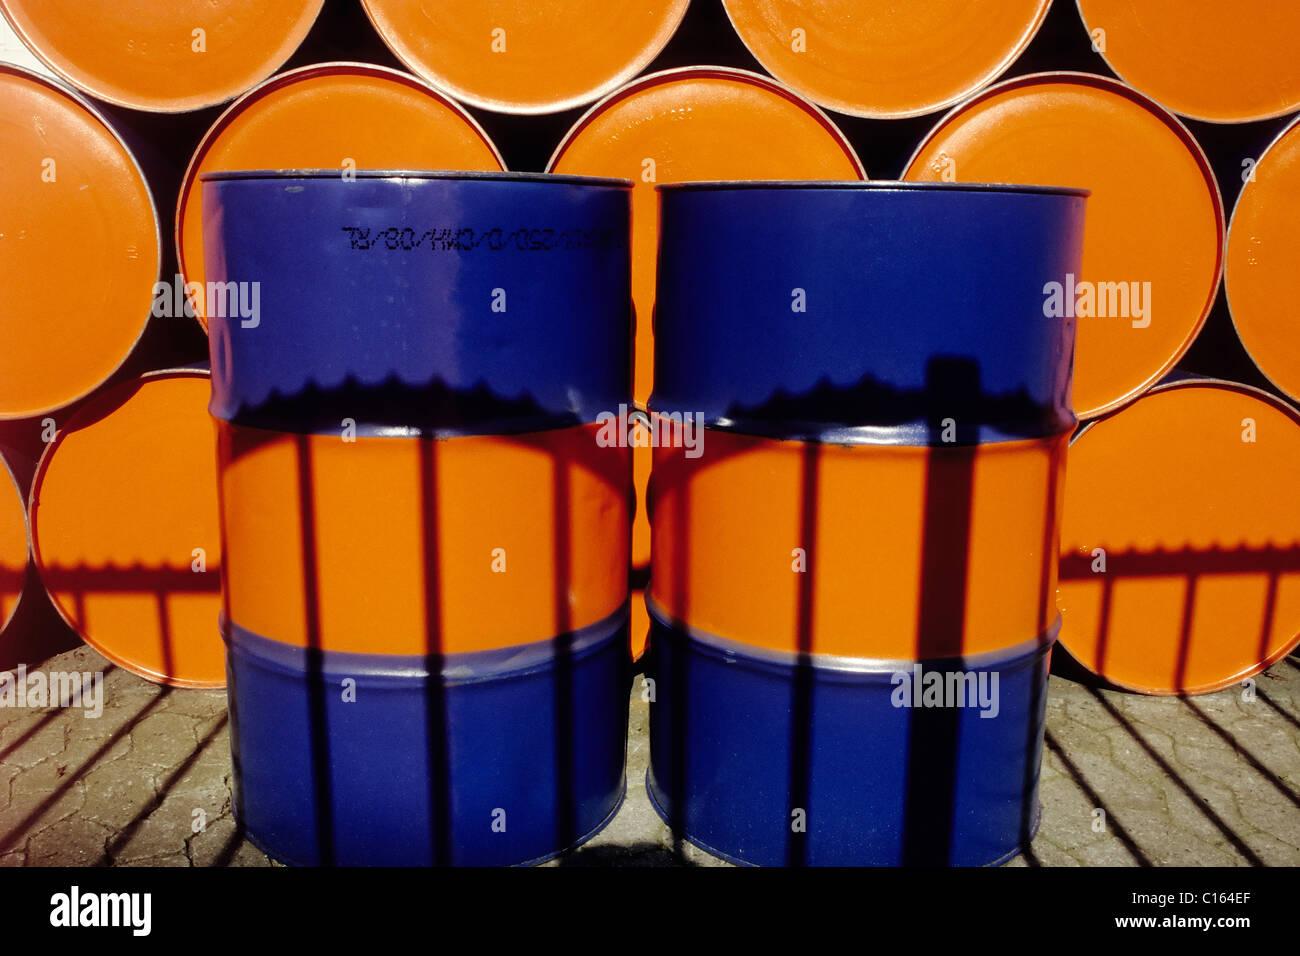 Zwei aufrechte Ölfässer malte zwei Farben stehen vor einer Reihe von gestapelte Ölfässer Stockbild